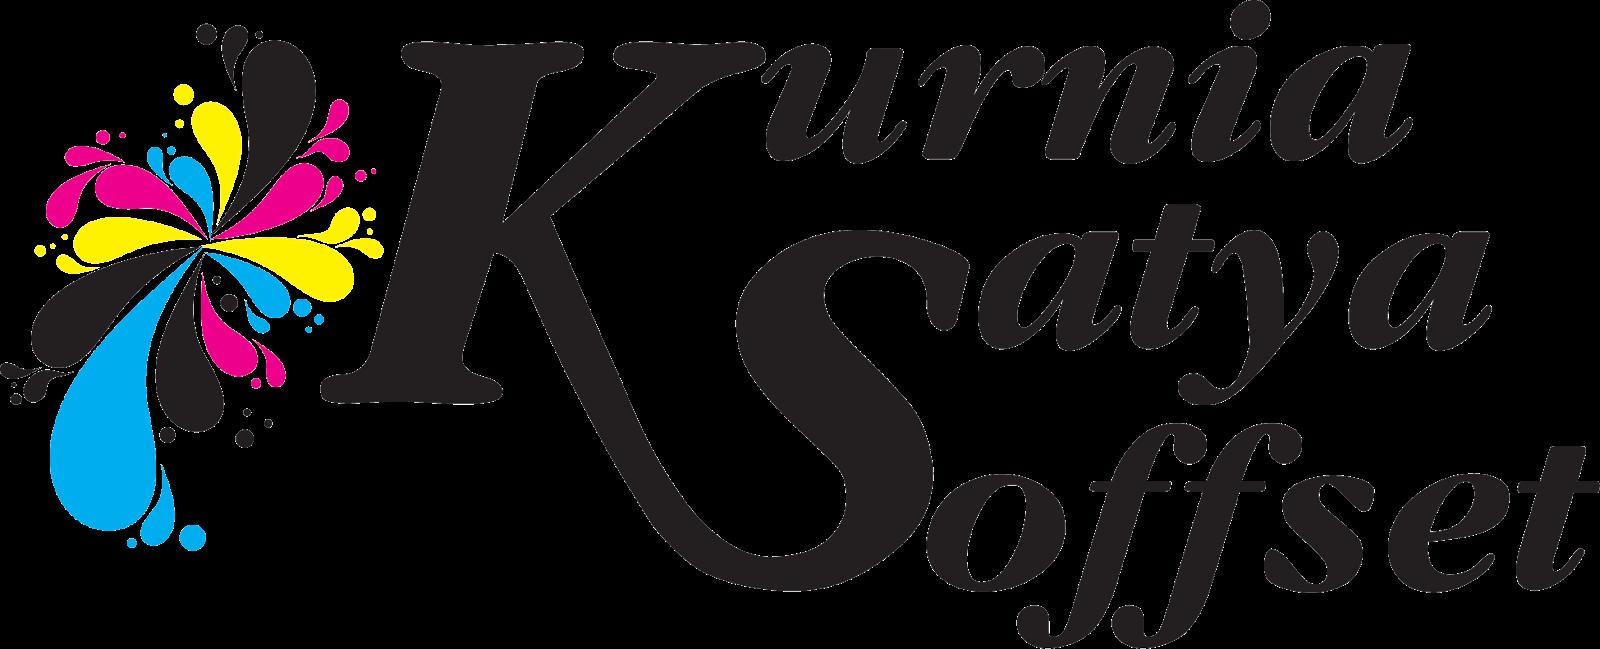 Lowongan Kerja Desain Grafis di Kurnia Satya Offset - Solo